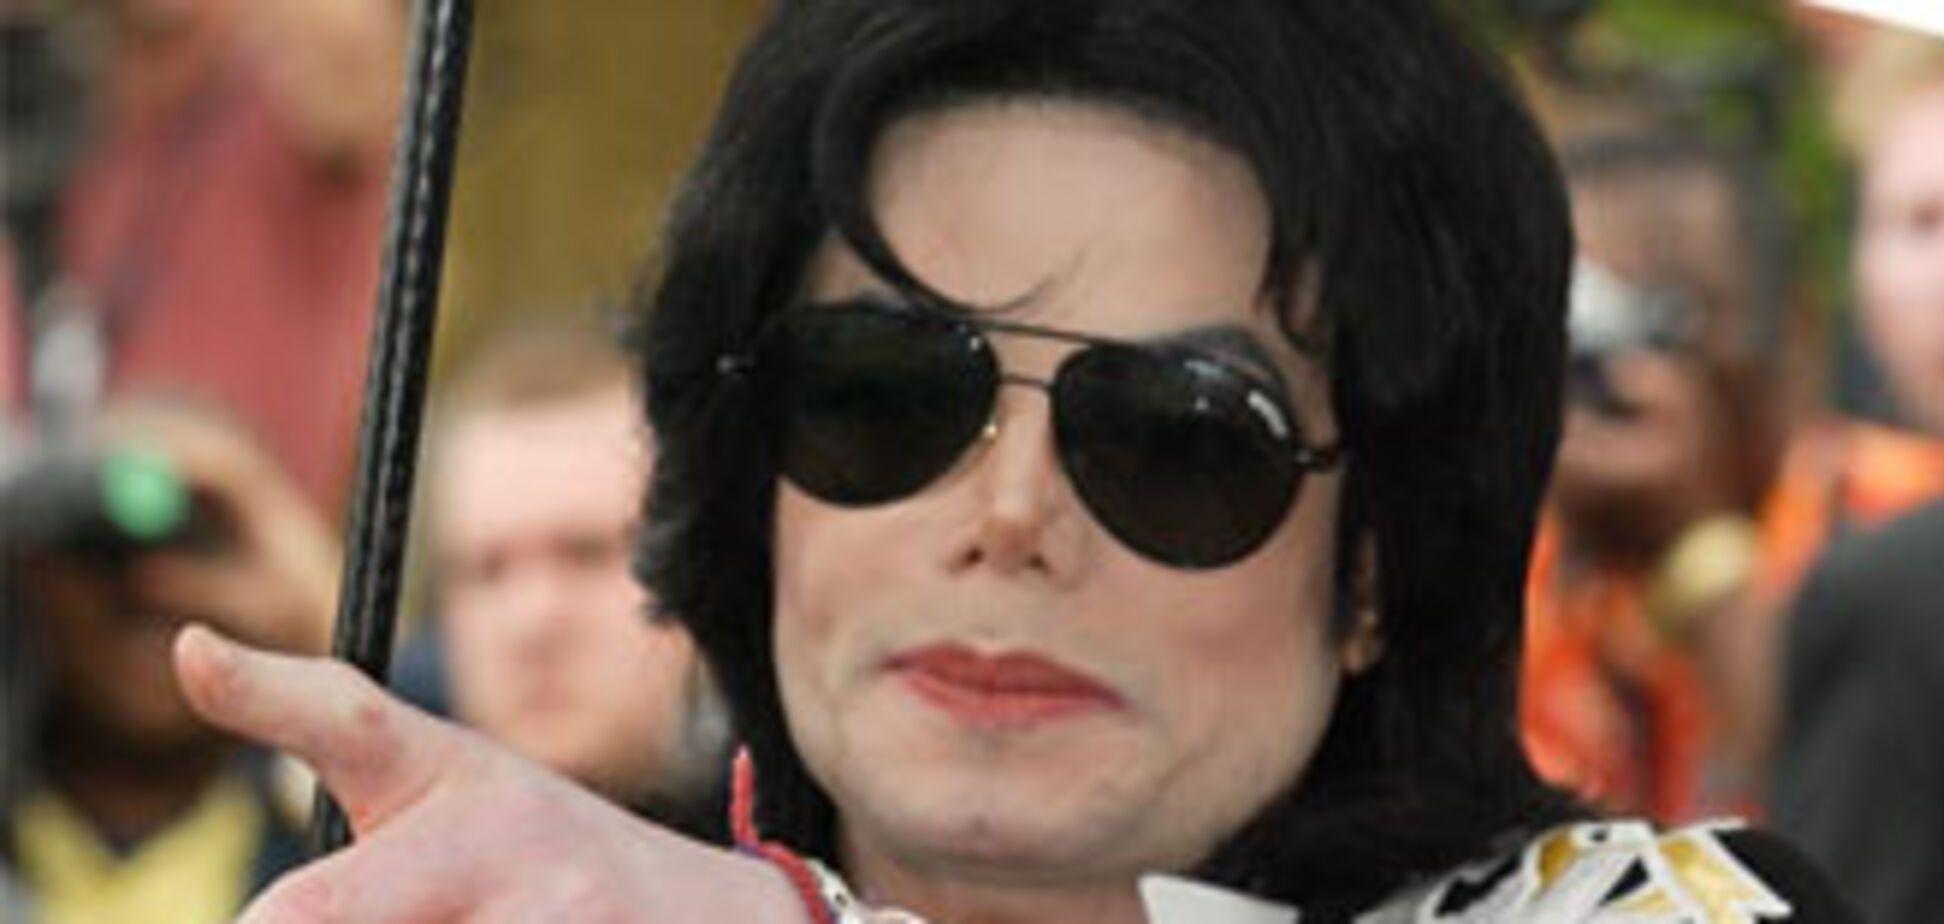 Похороны Джексона вновь откладываются